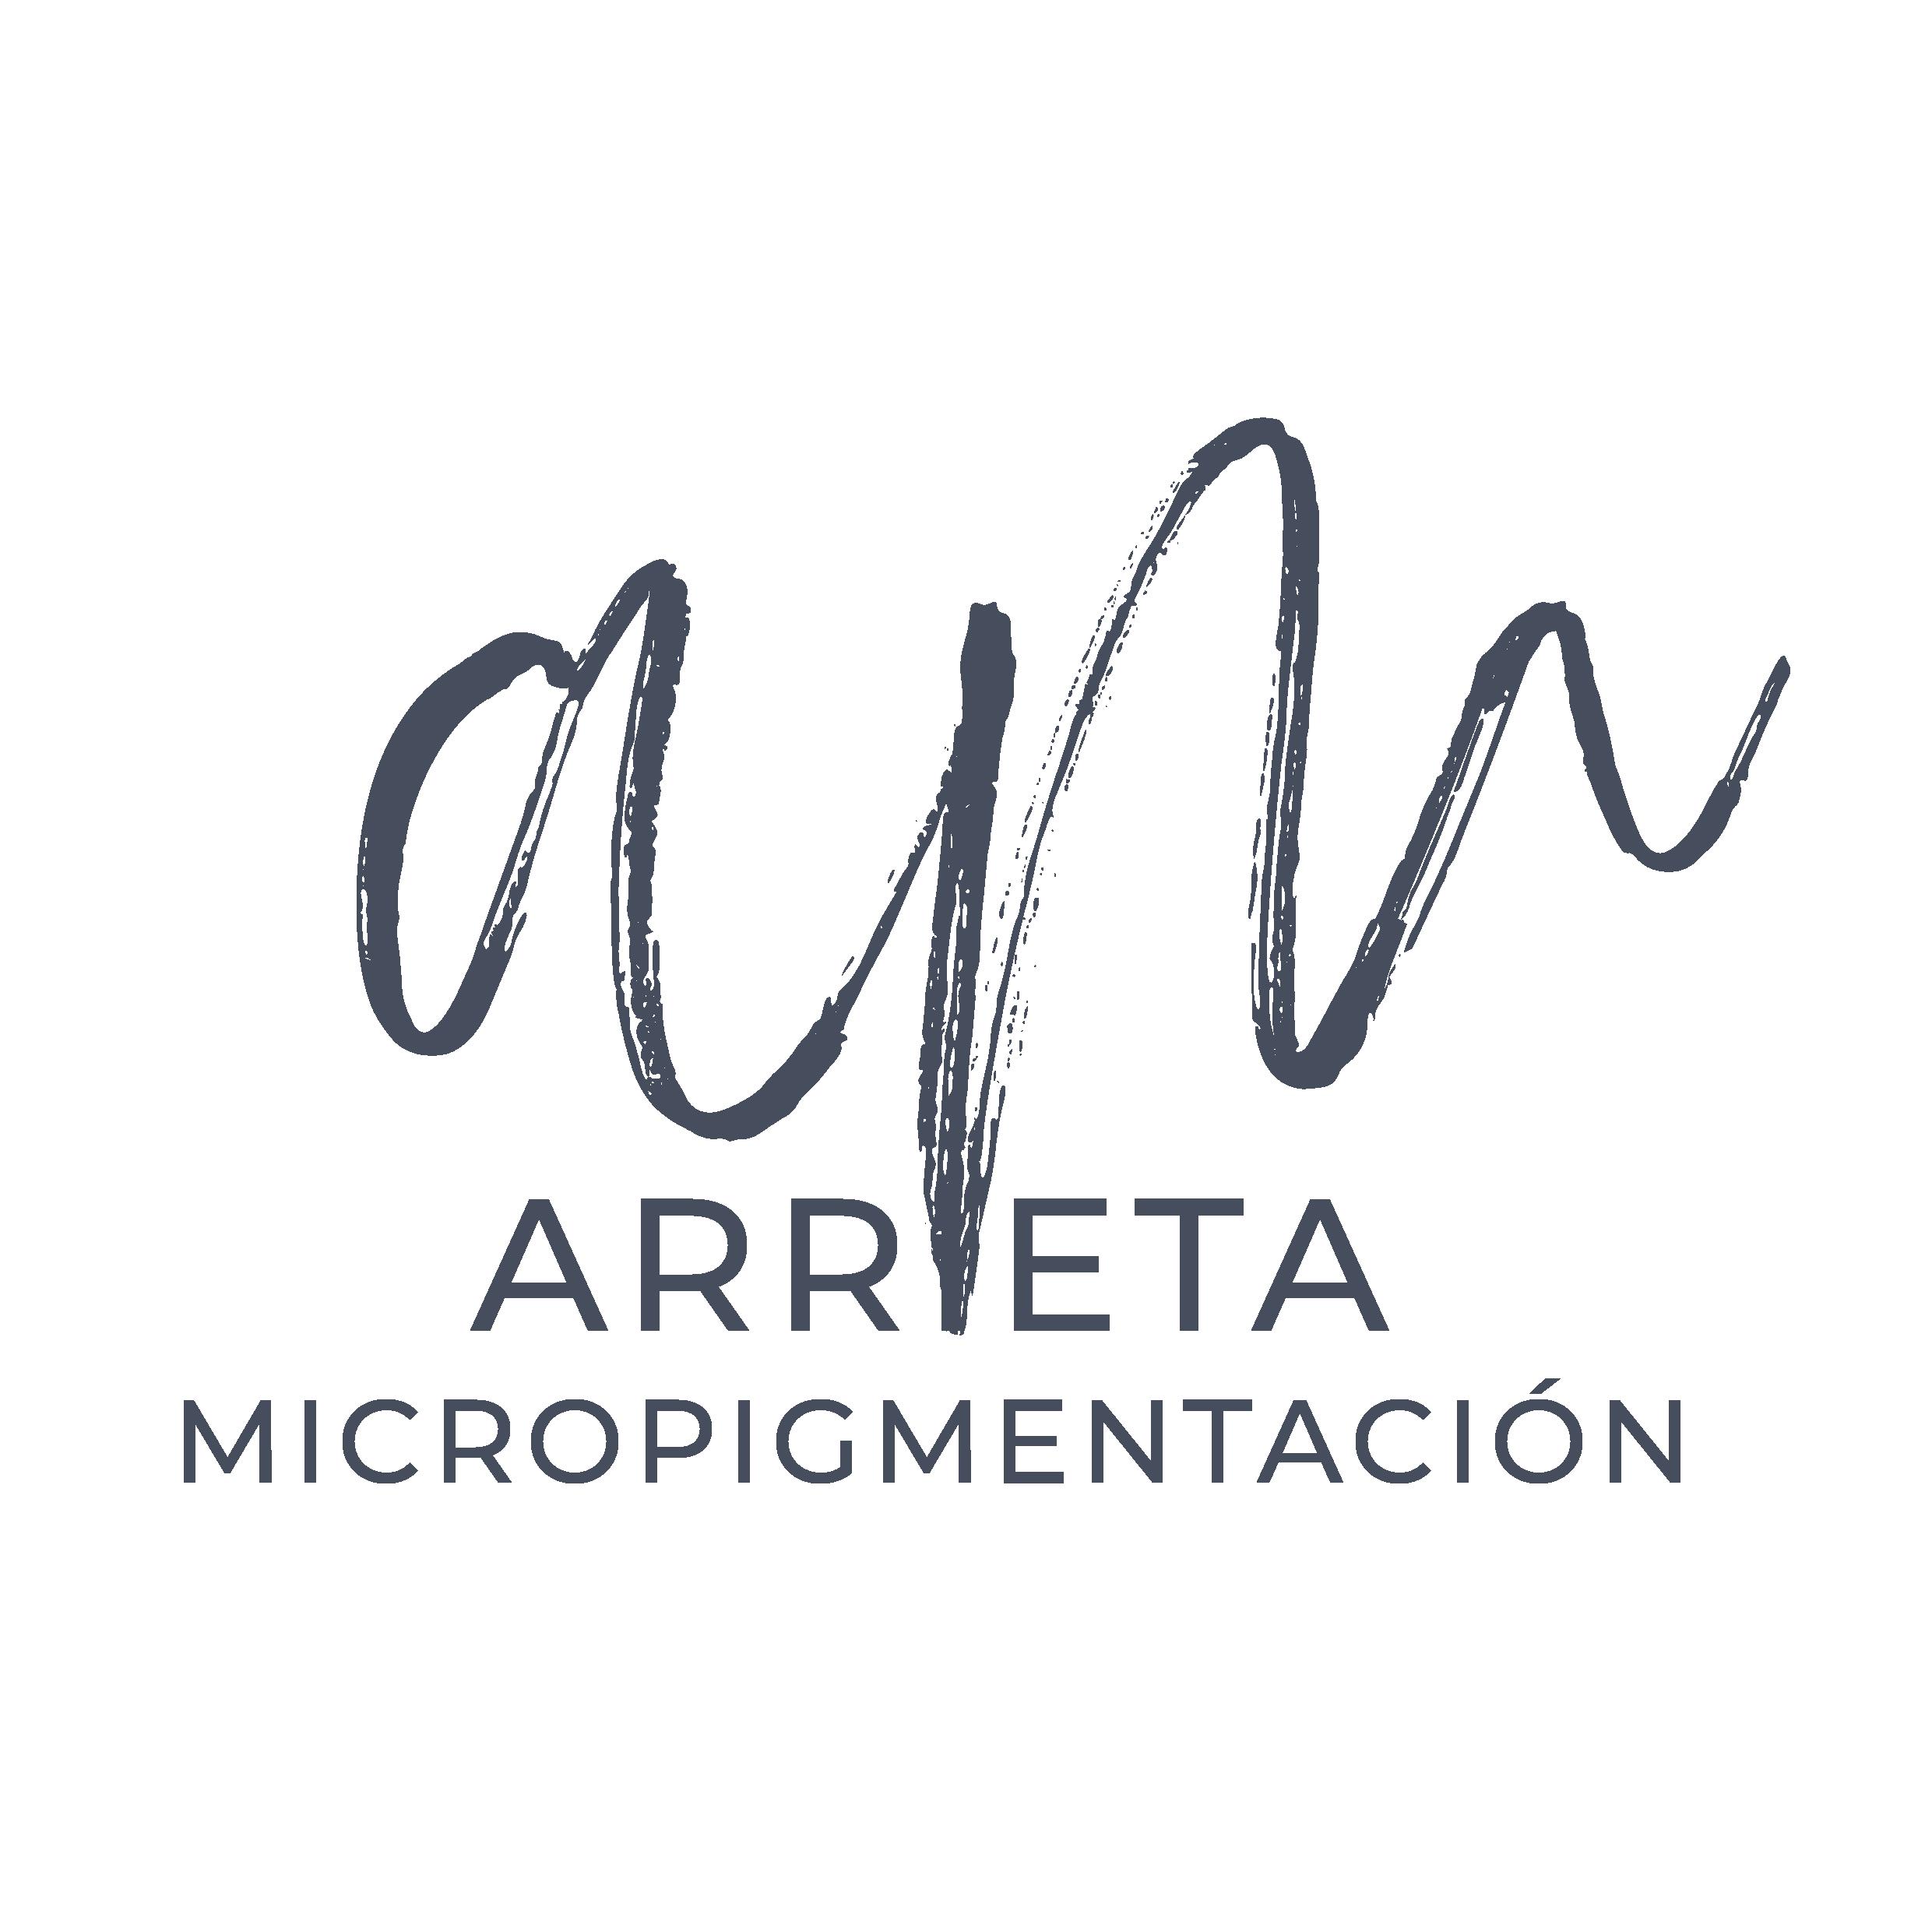 Arrieta Micropigmentación